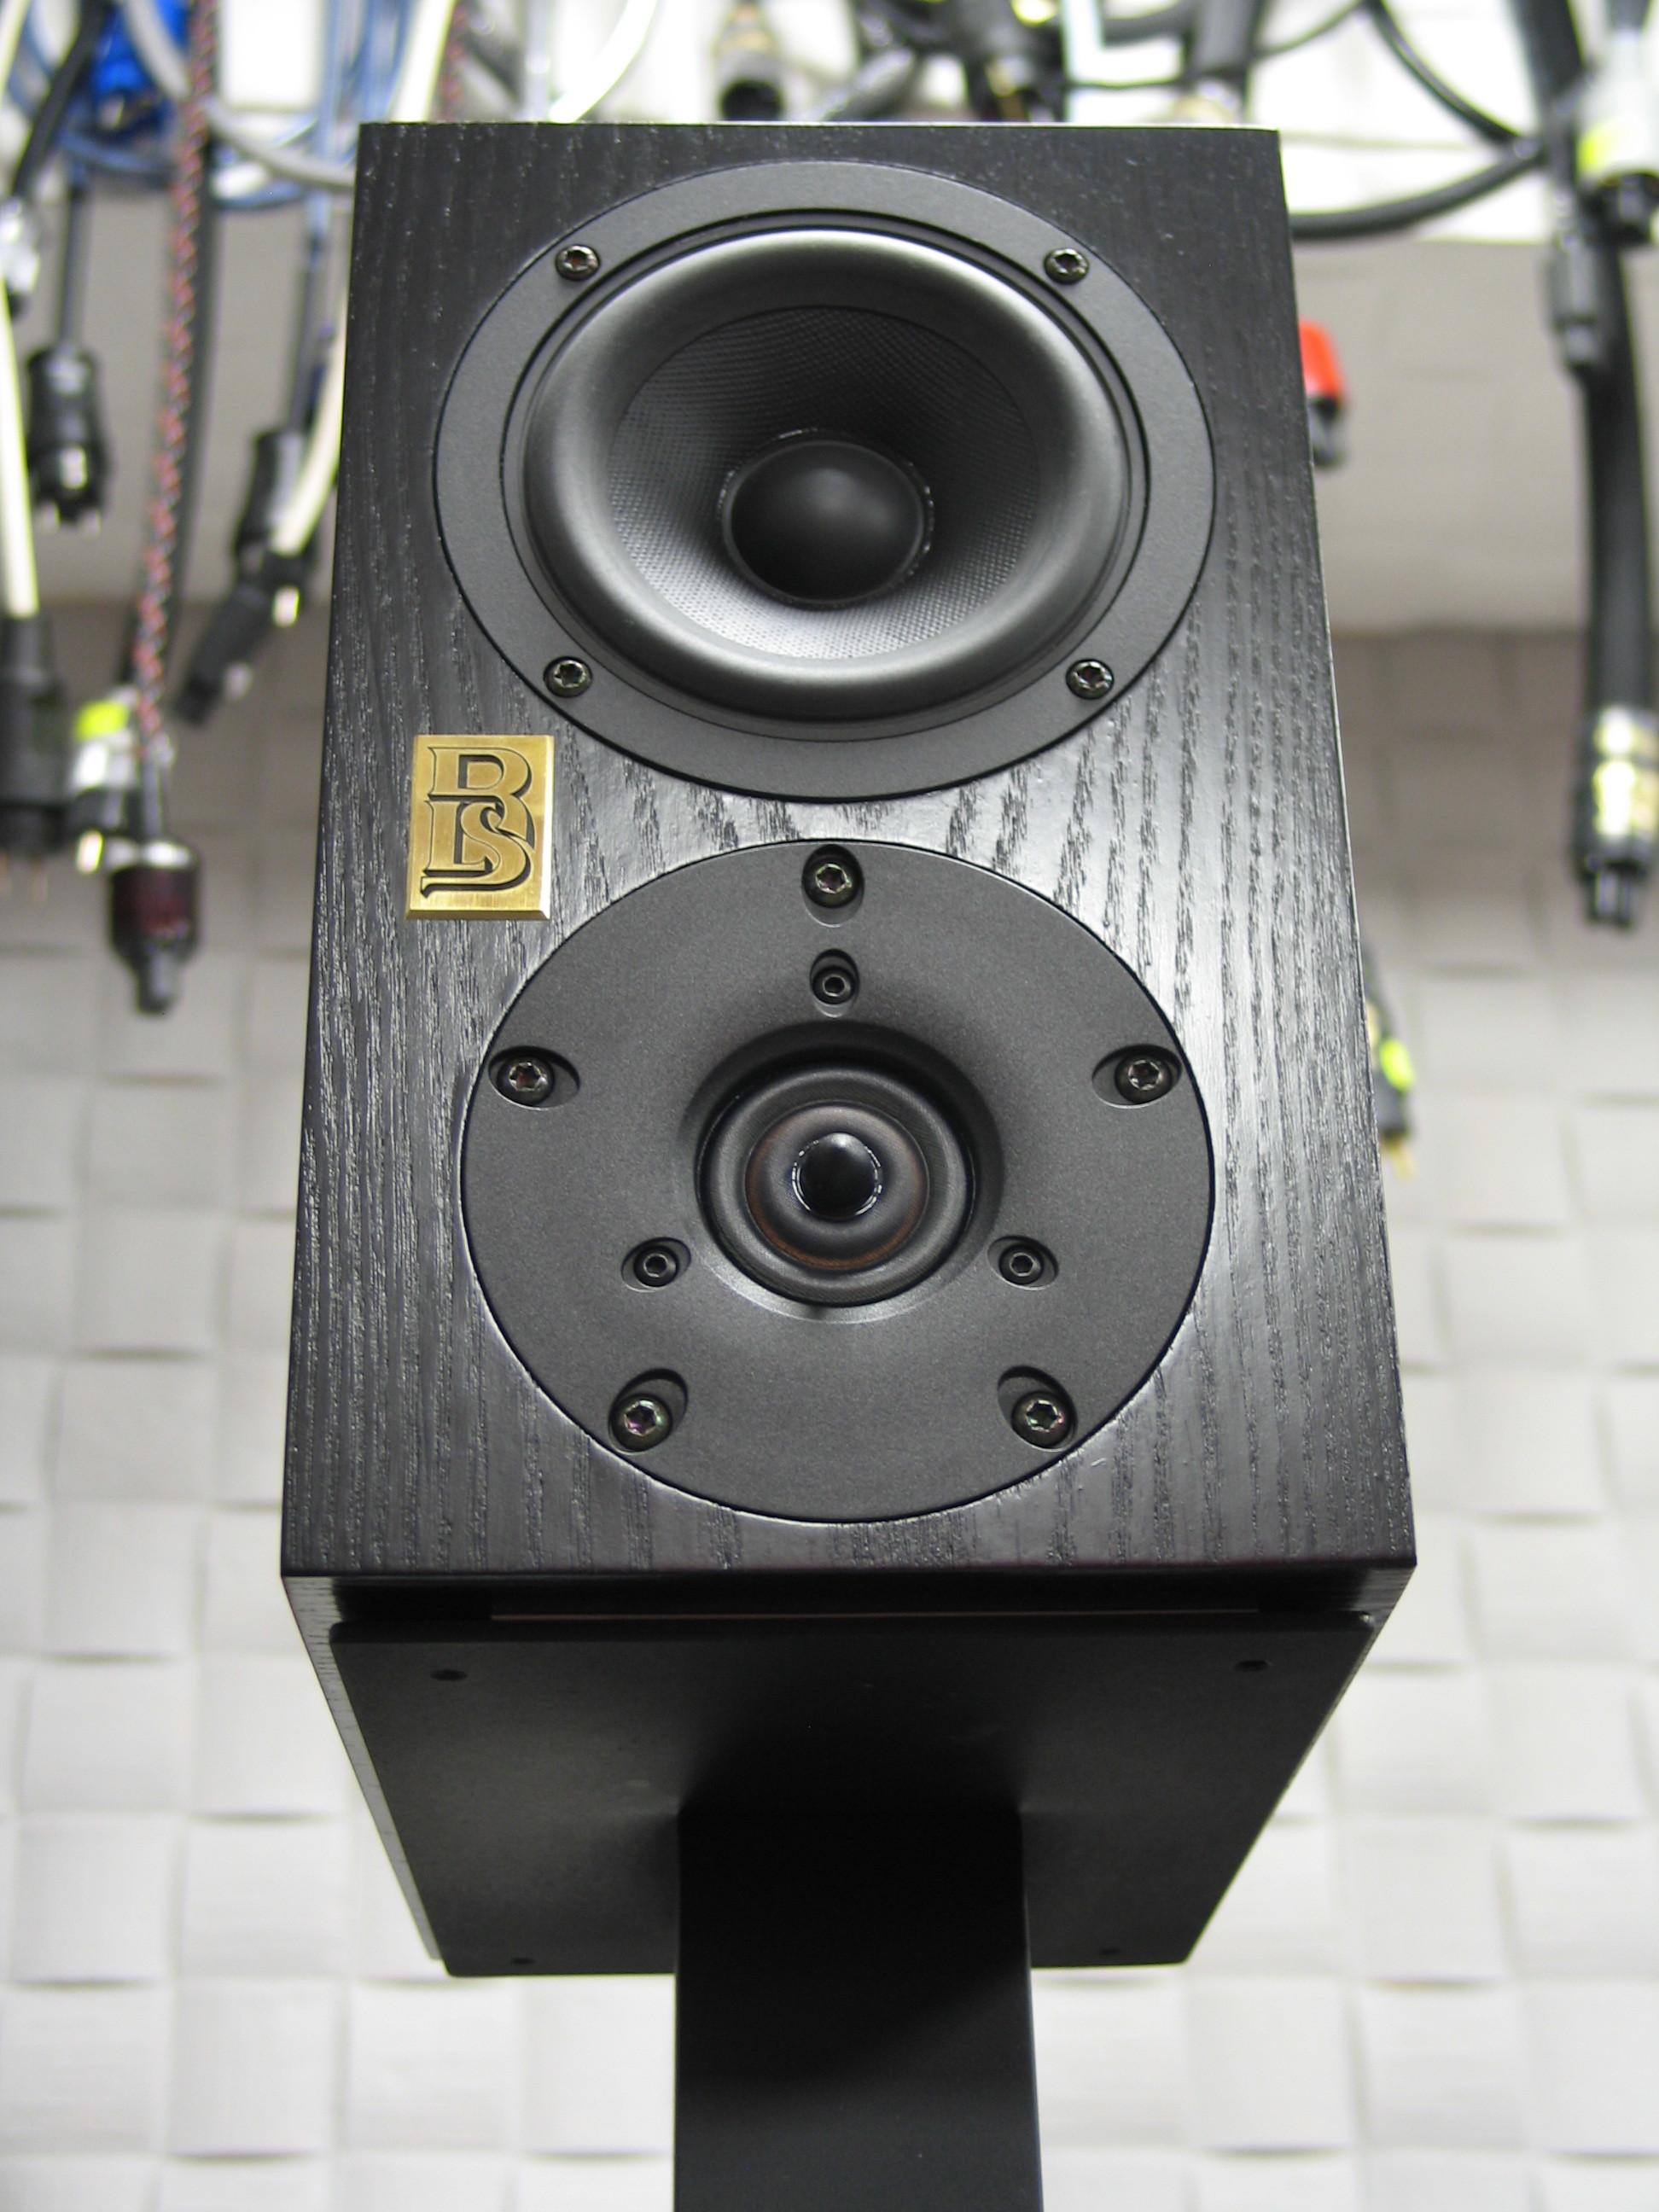 Callisto wyglądają jak głośniki efektowe do kina domowego (fot. wstereo.pl)